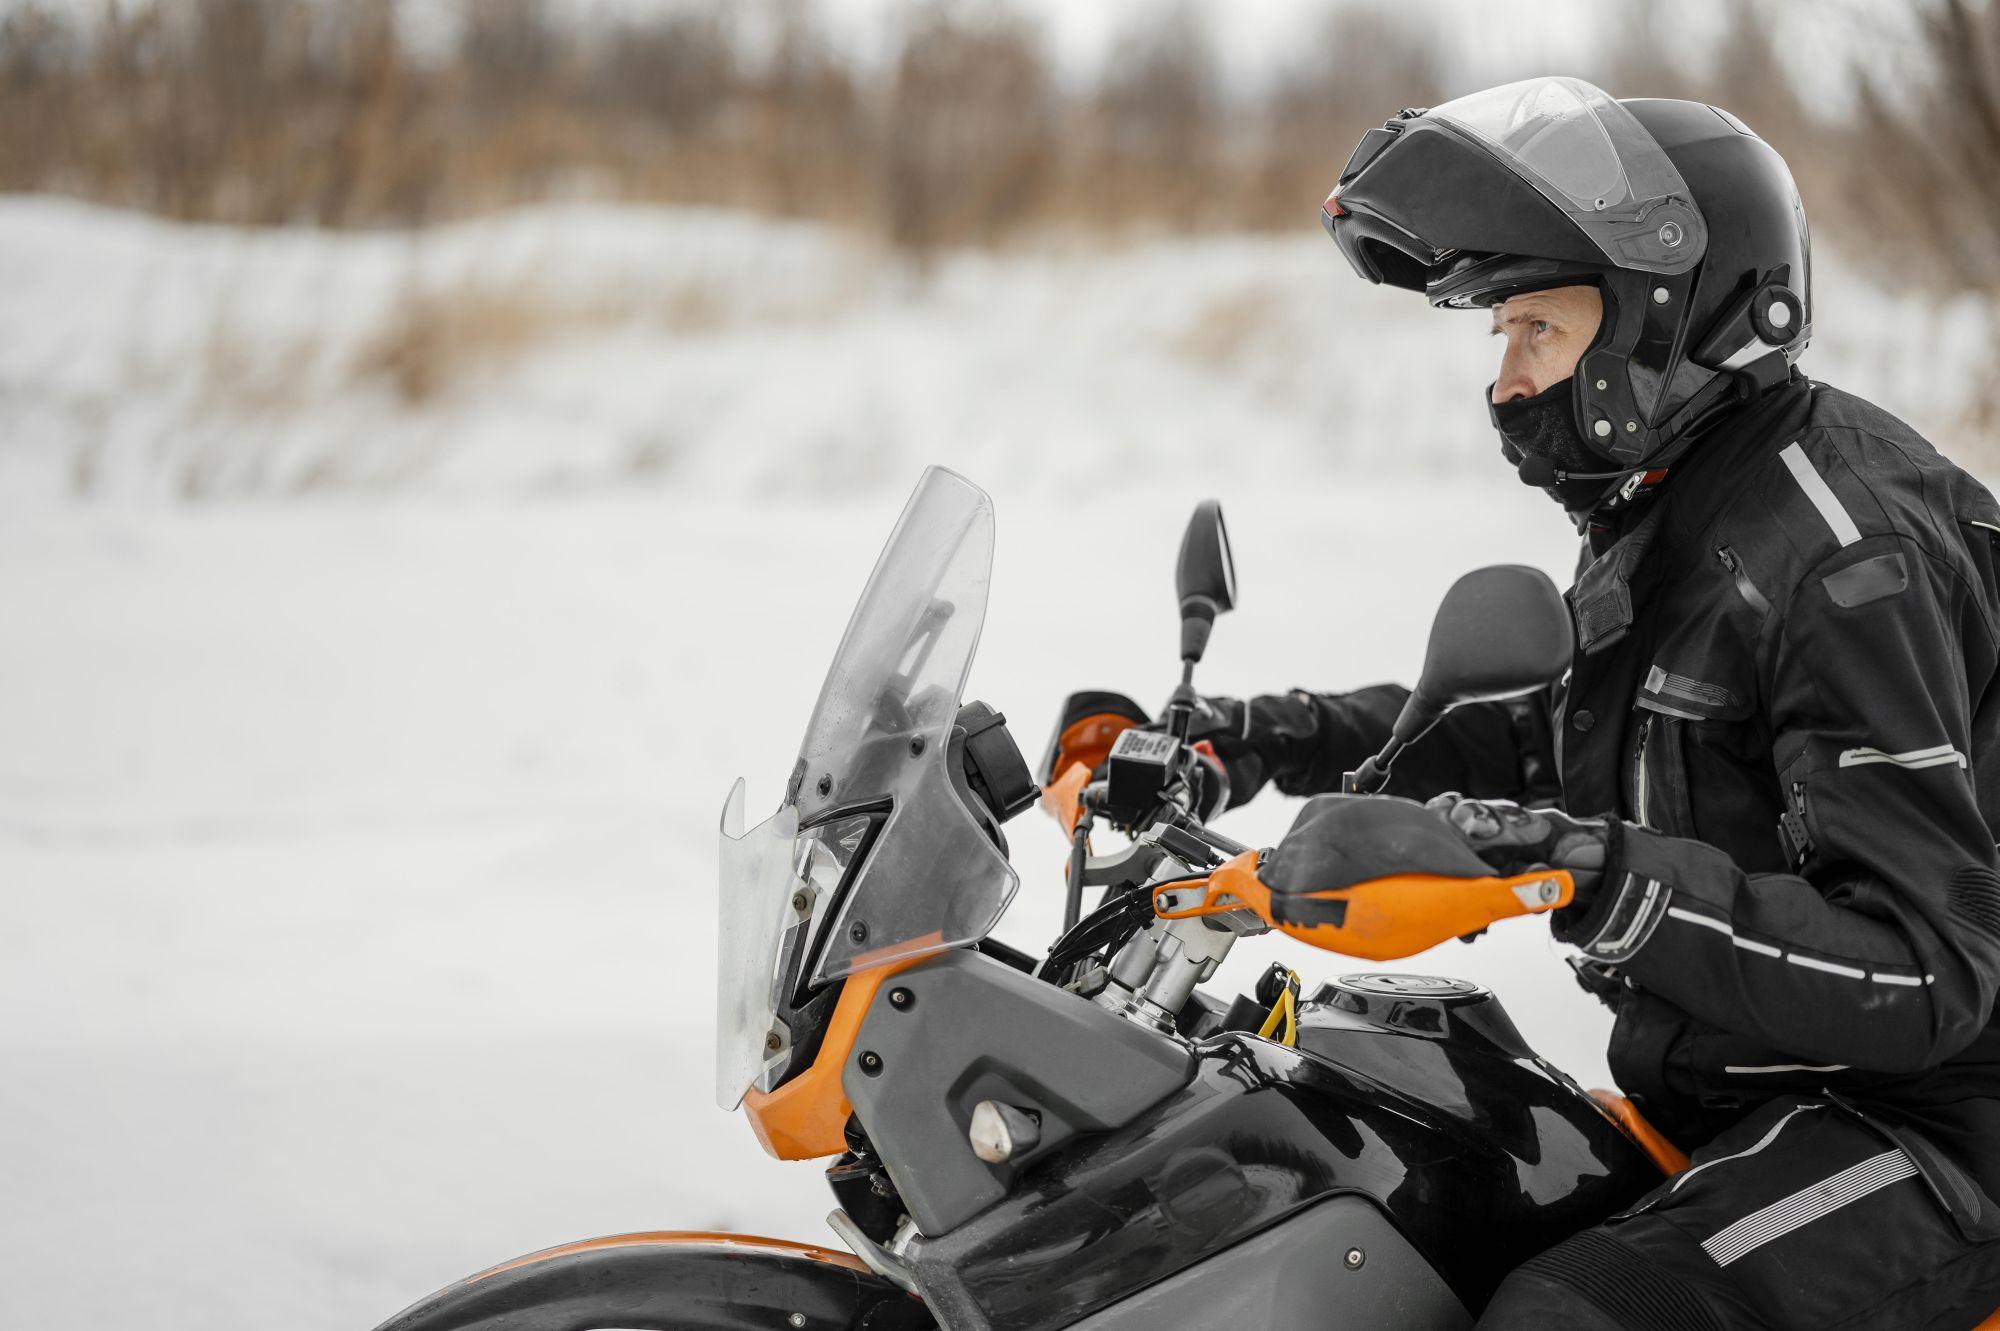 Nyitott állrészes bukósisakot viselő motorozó férfi fekete motoros ruhában